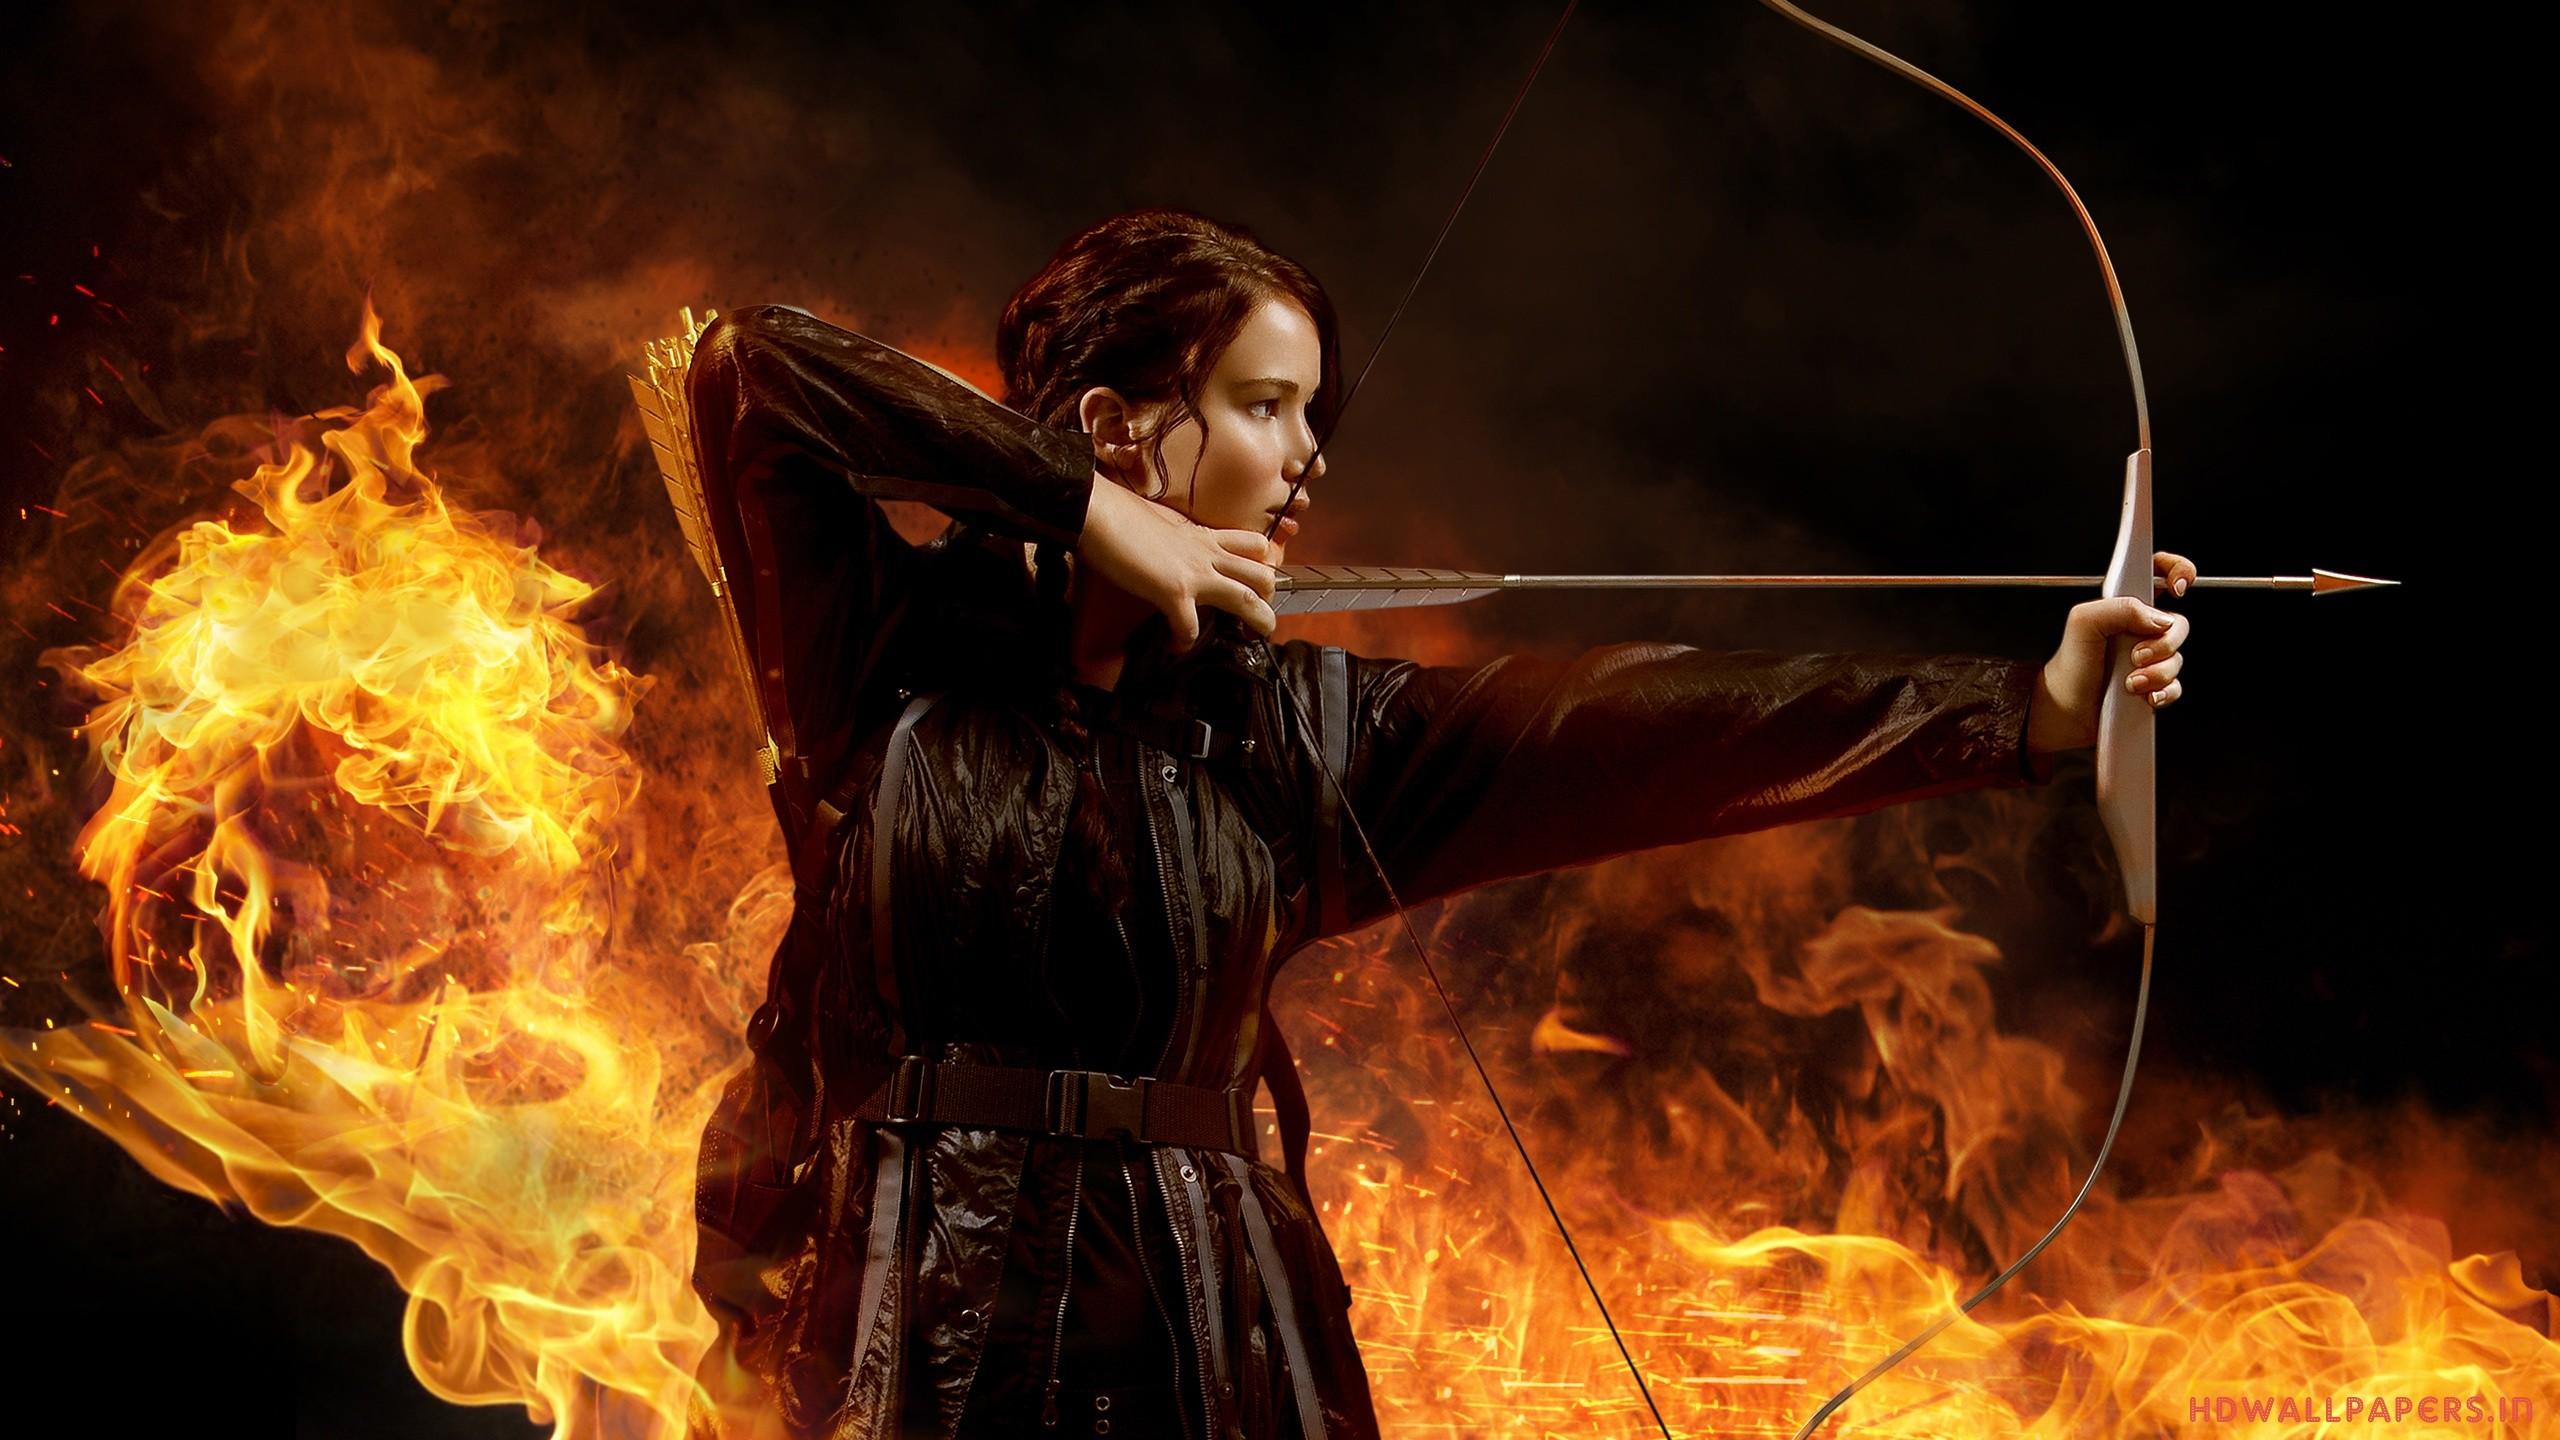 49 Katniss Everdeen HD Wallpapers Background Images   Wallpaper 2560x1440